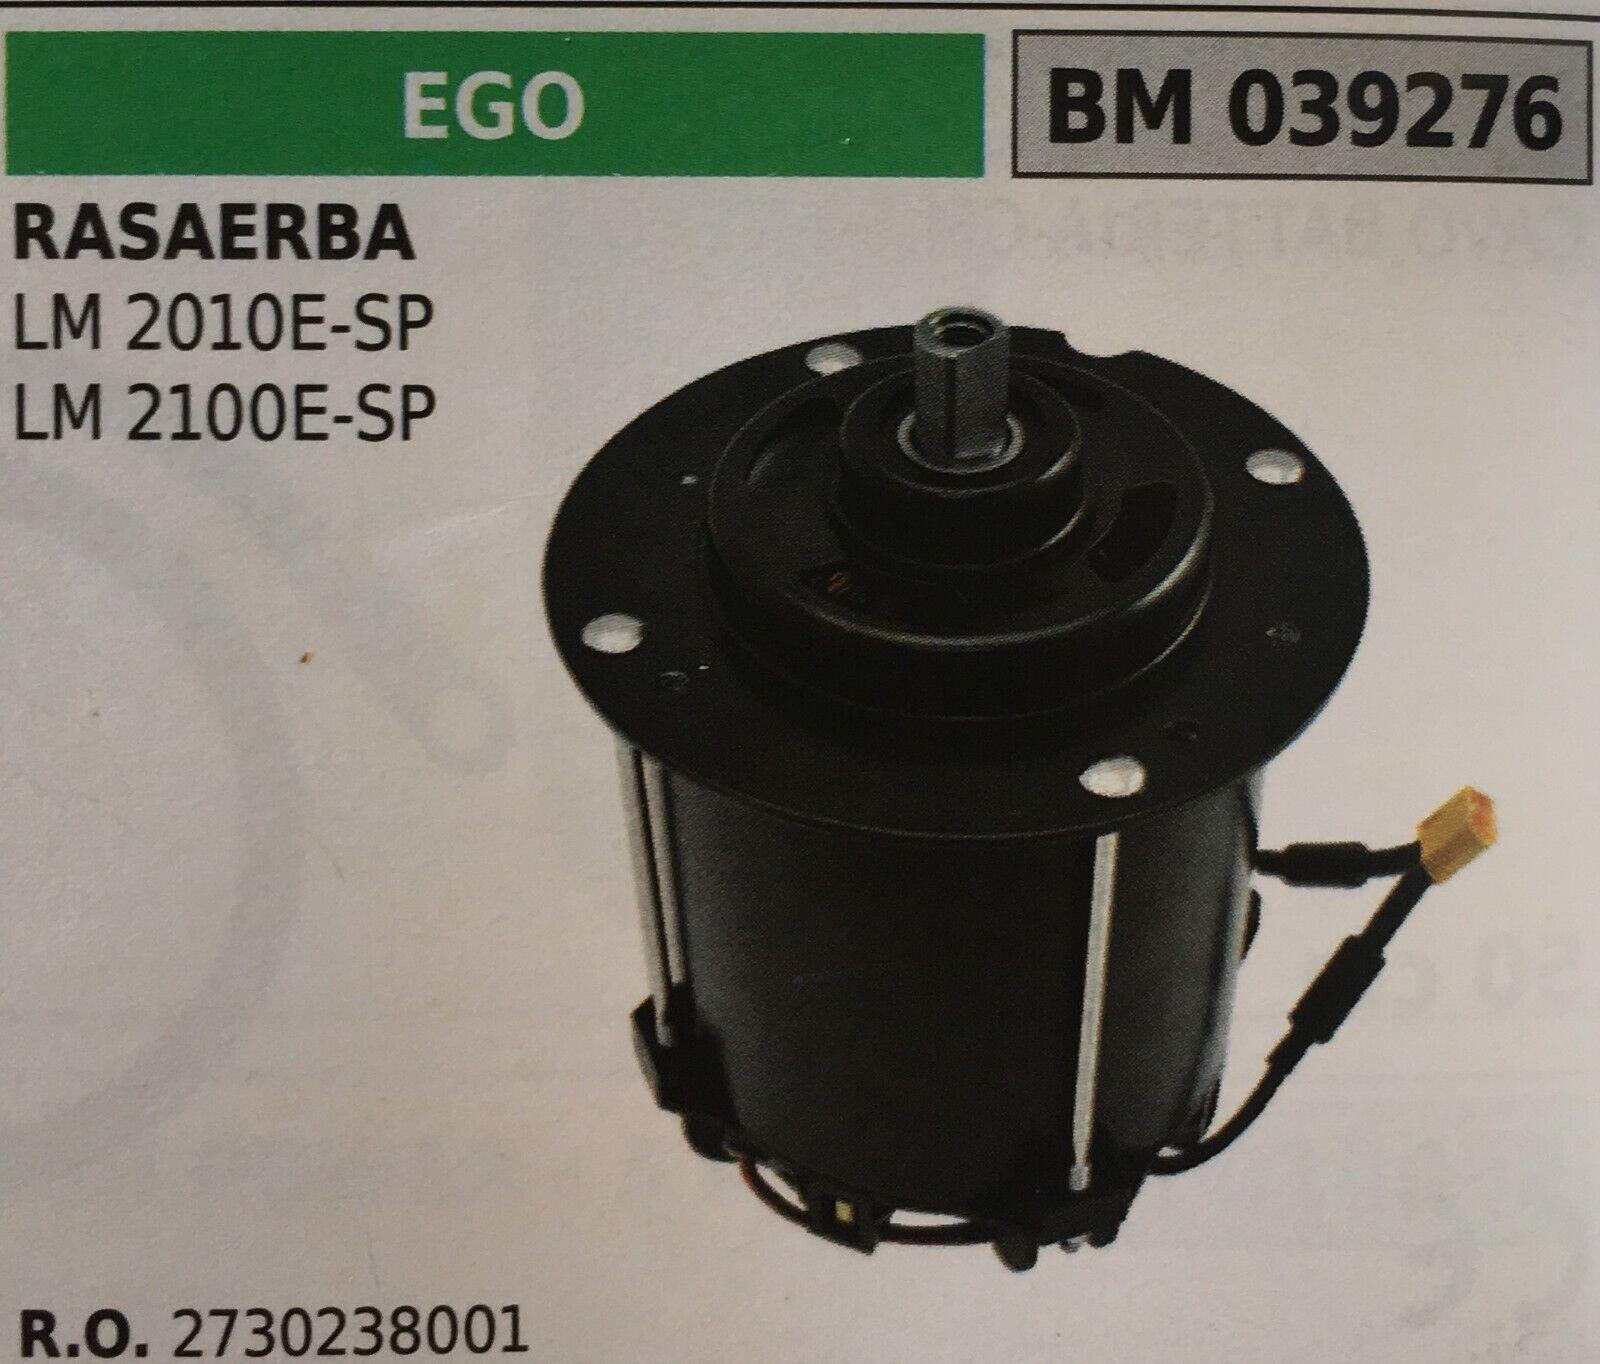 MOTORE ELETTRICO BRUMAR EGO BM039276 RASAERBA LM 2010E-SP 2100E-SP